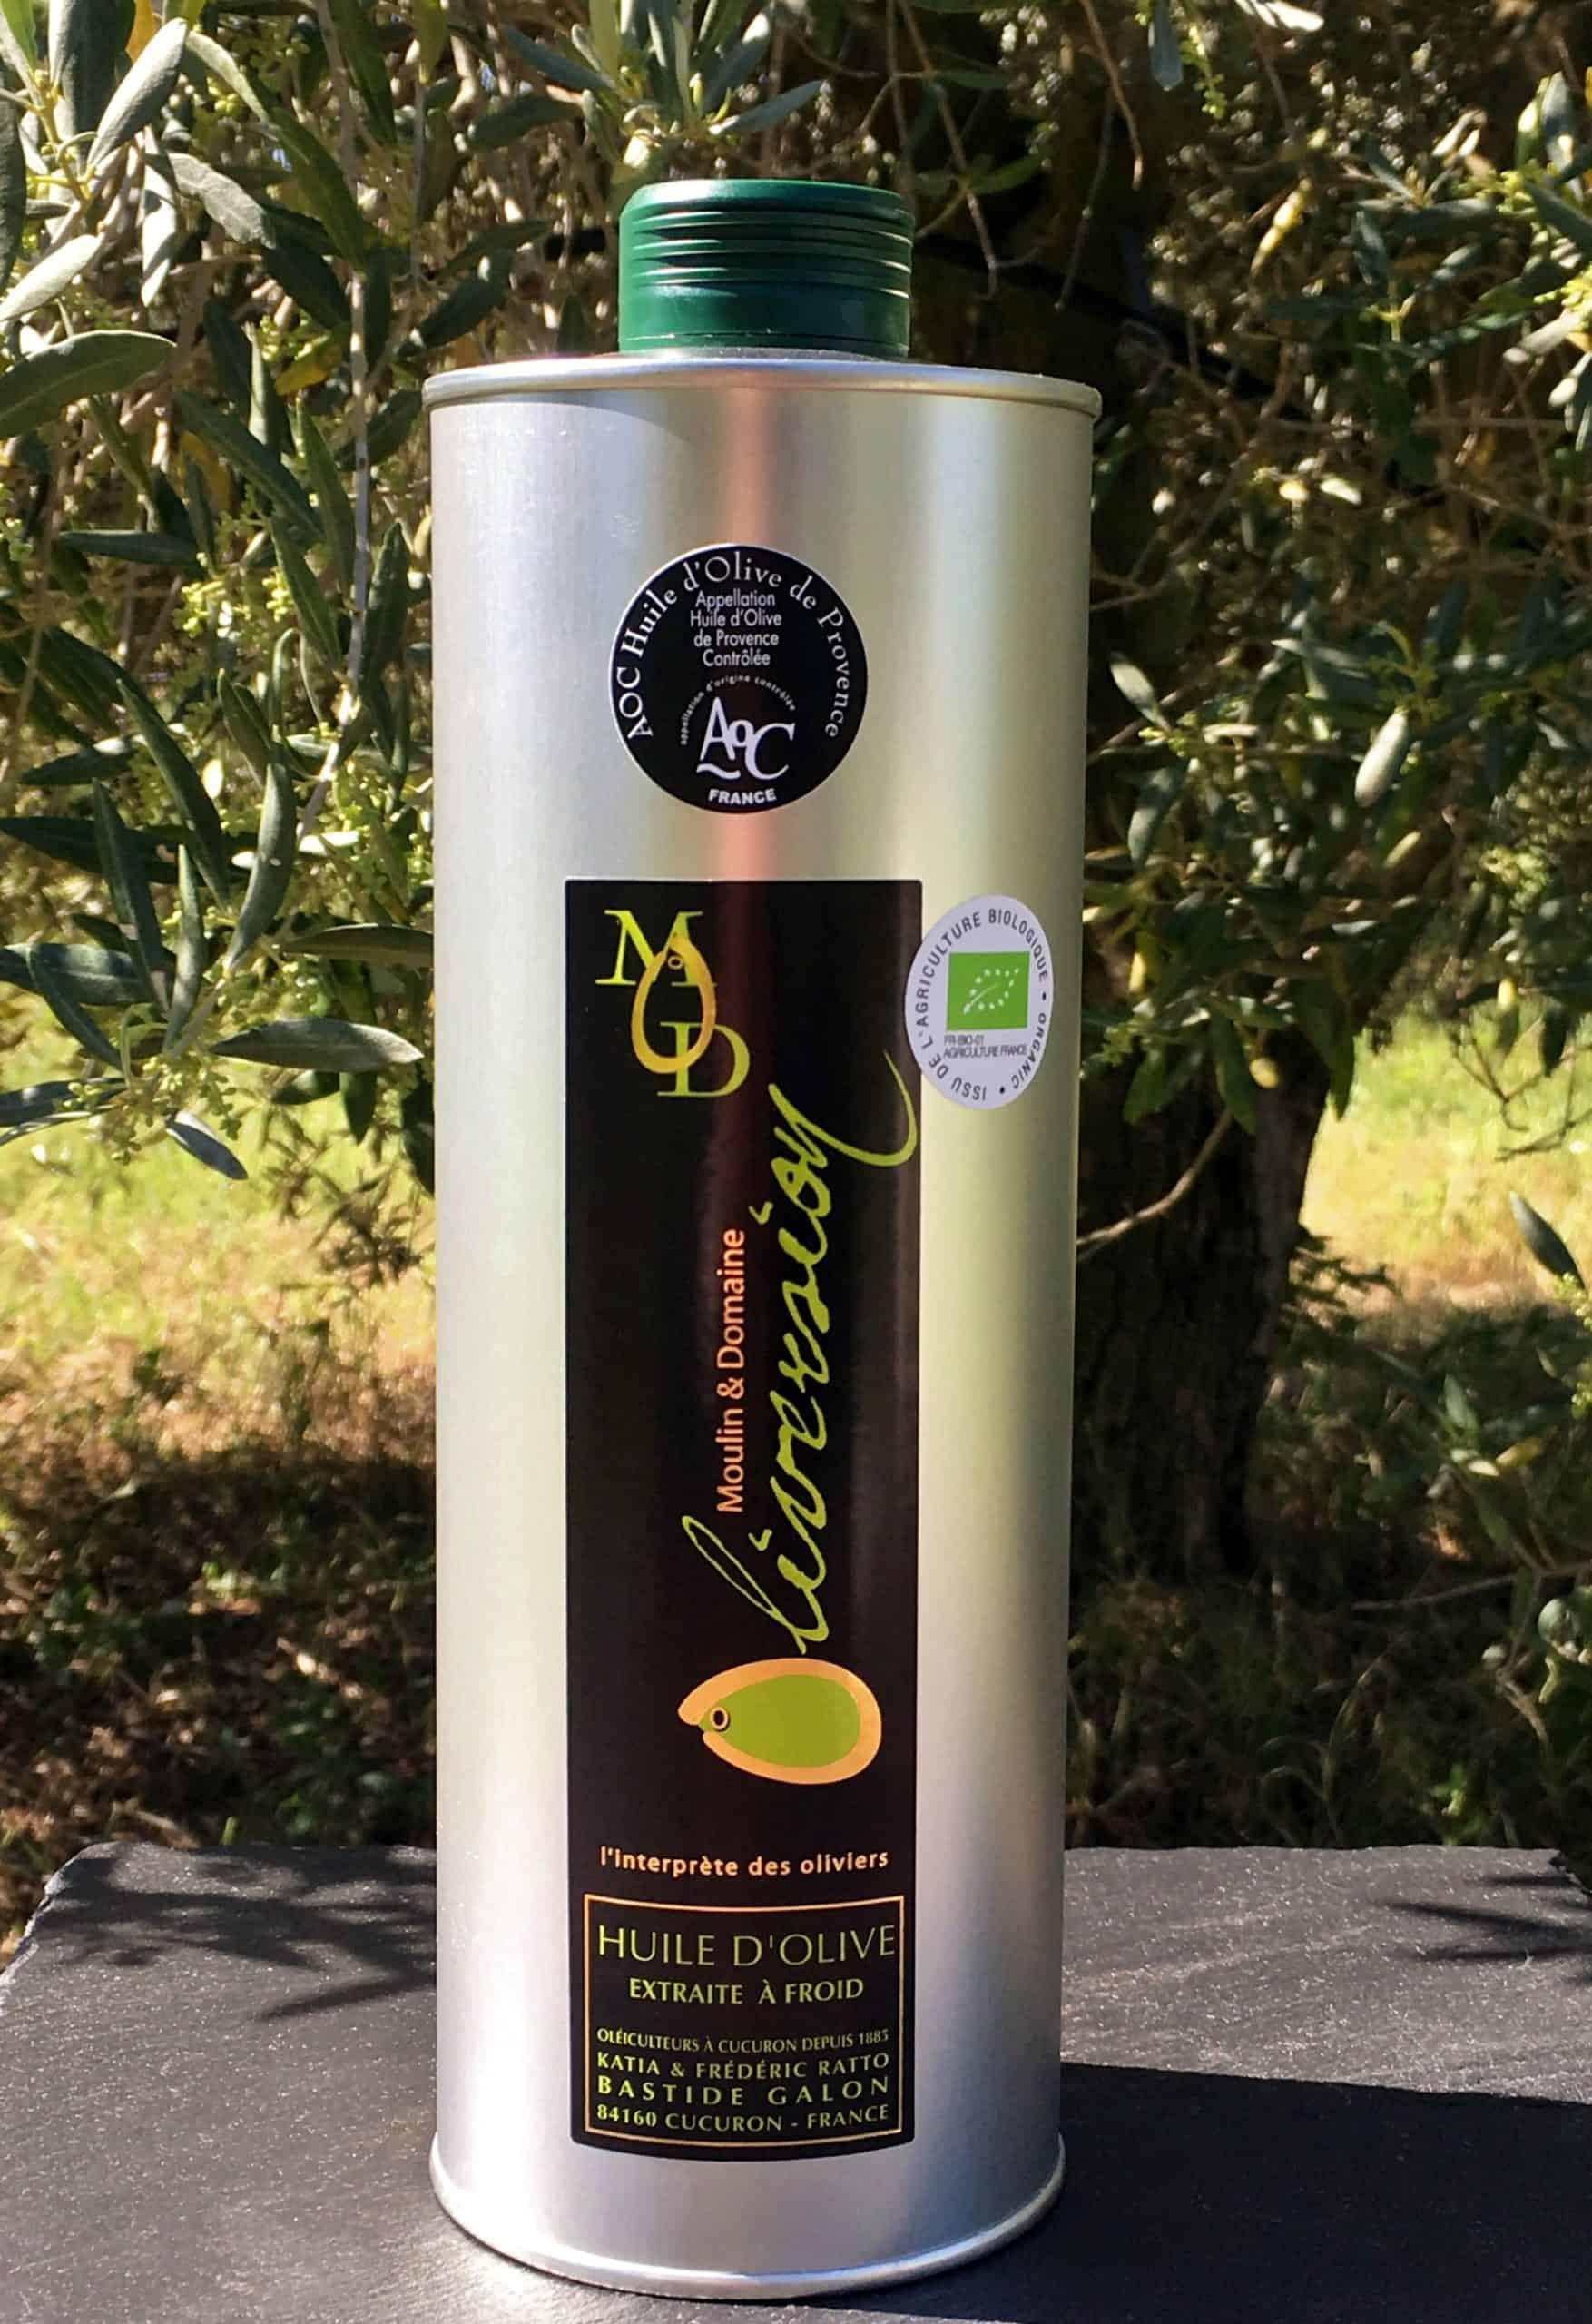 présenter l'huile d'olive aoc provence bio produite par le moulin Oliversion